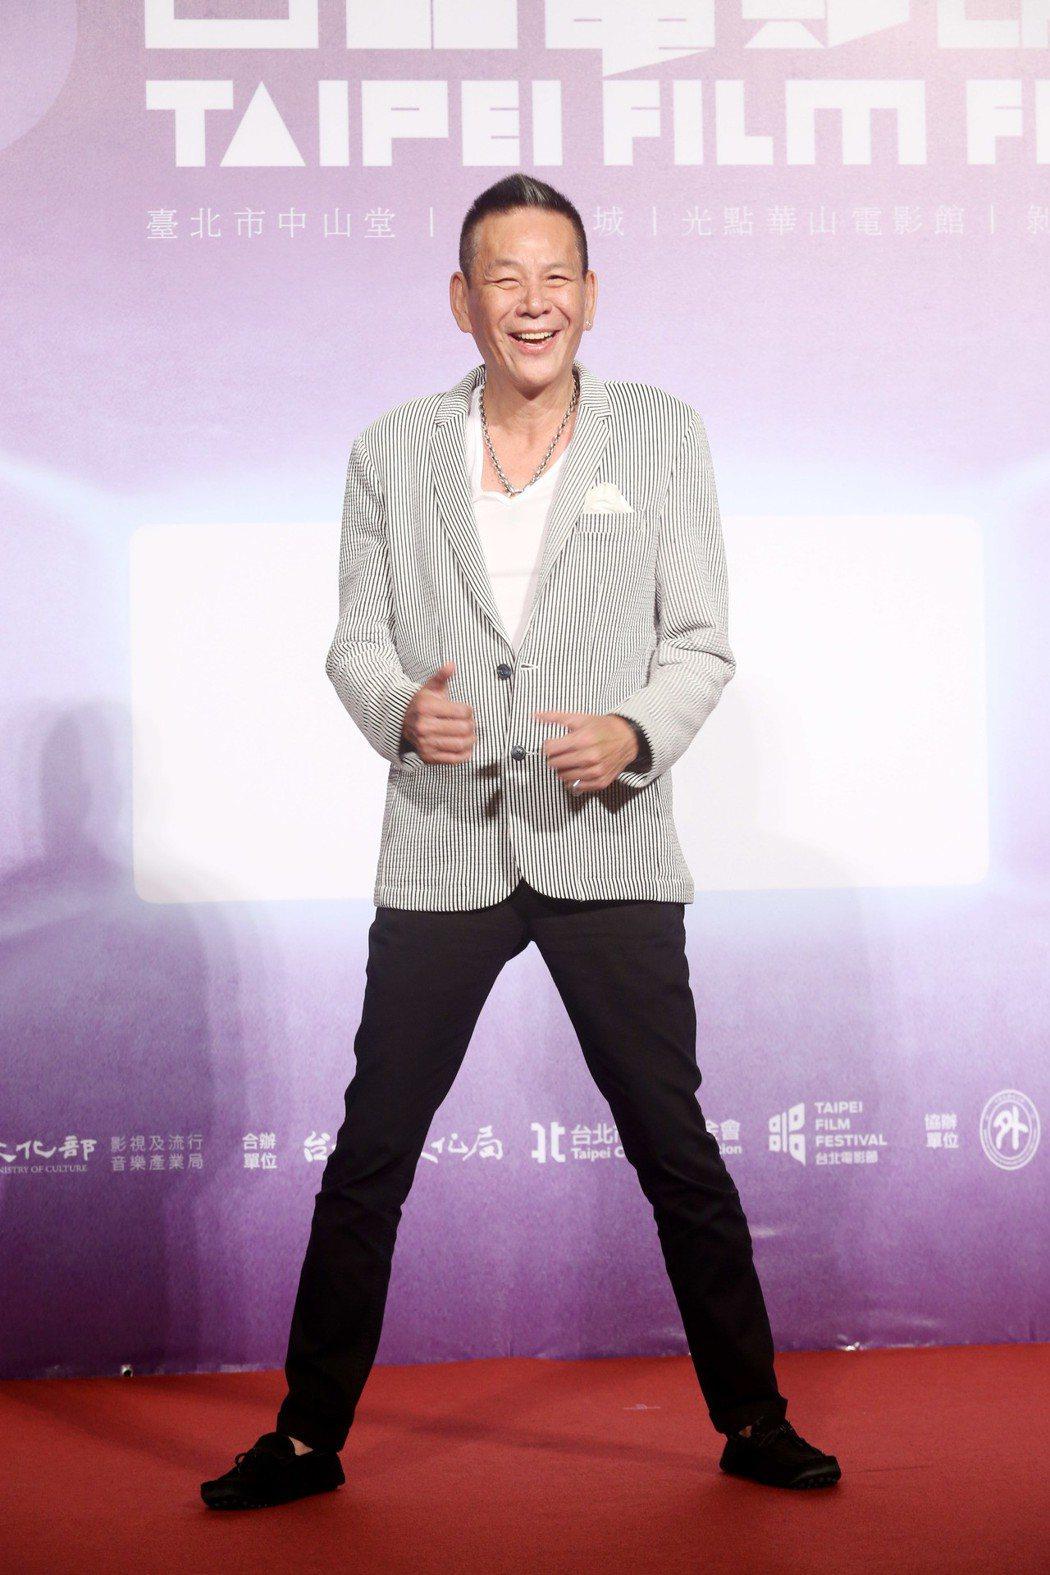 台北電影節開幕片《范保德》舉行亞洲首映記者會,演員龍邵華出席。記者邱德祥/攝影